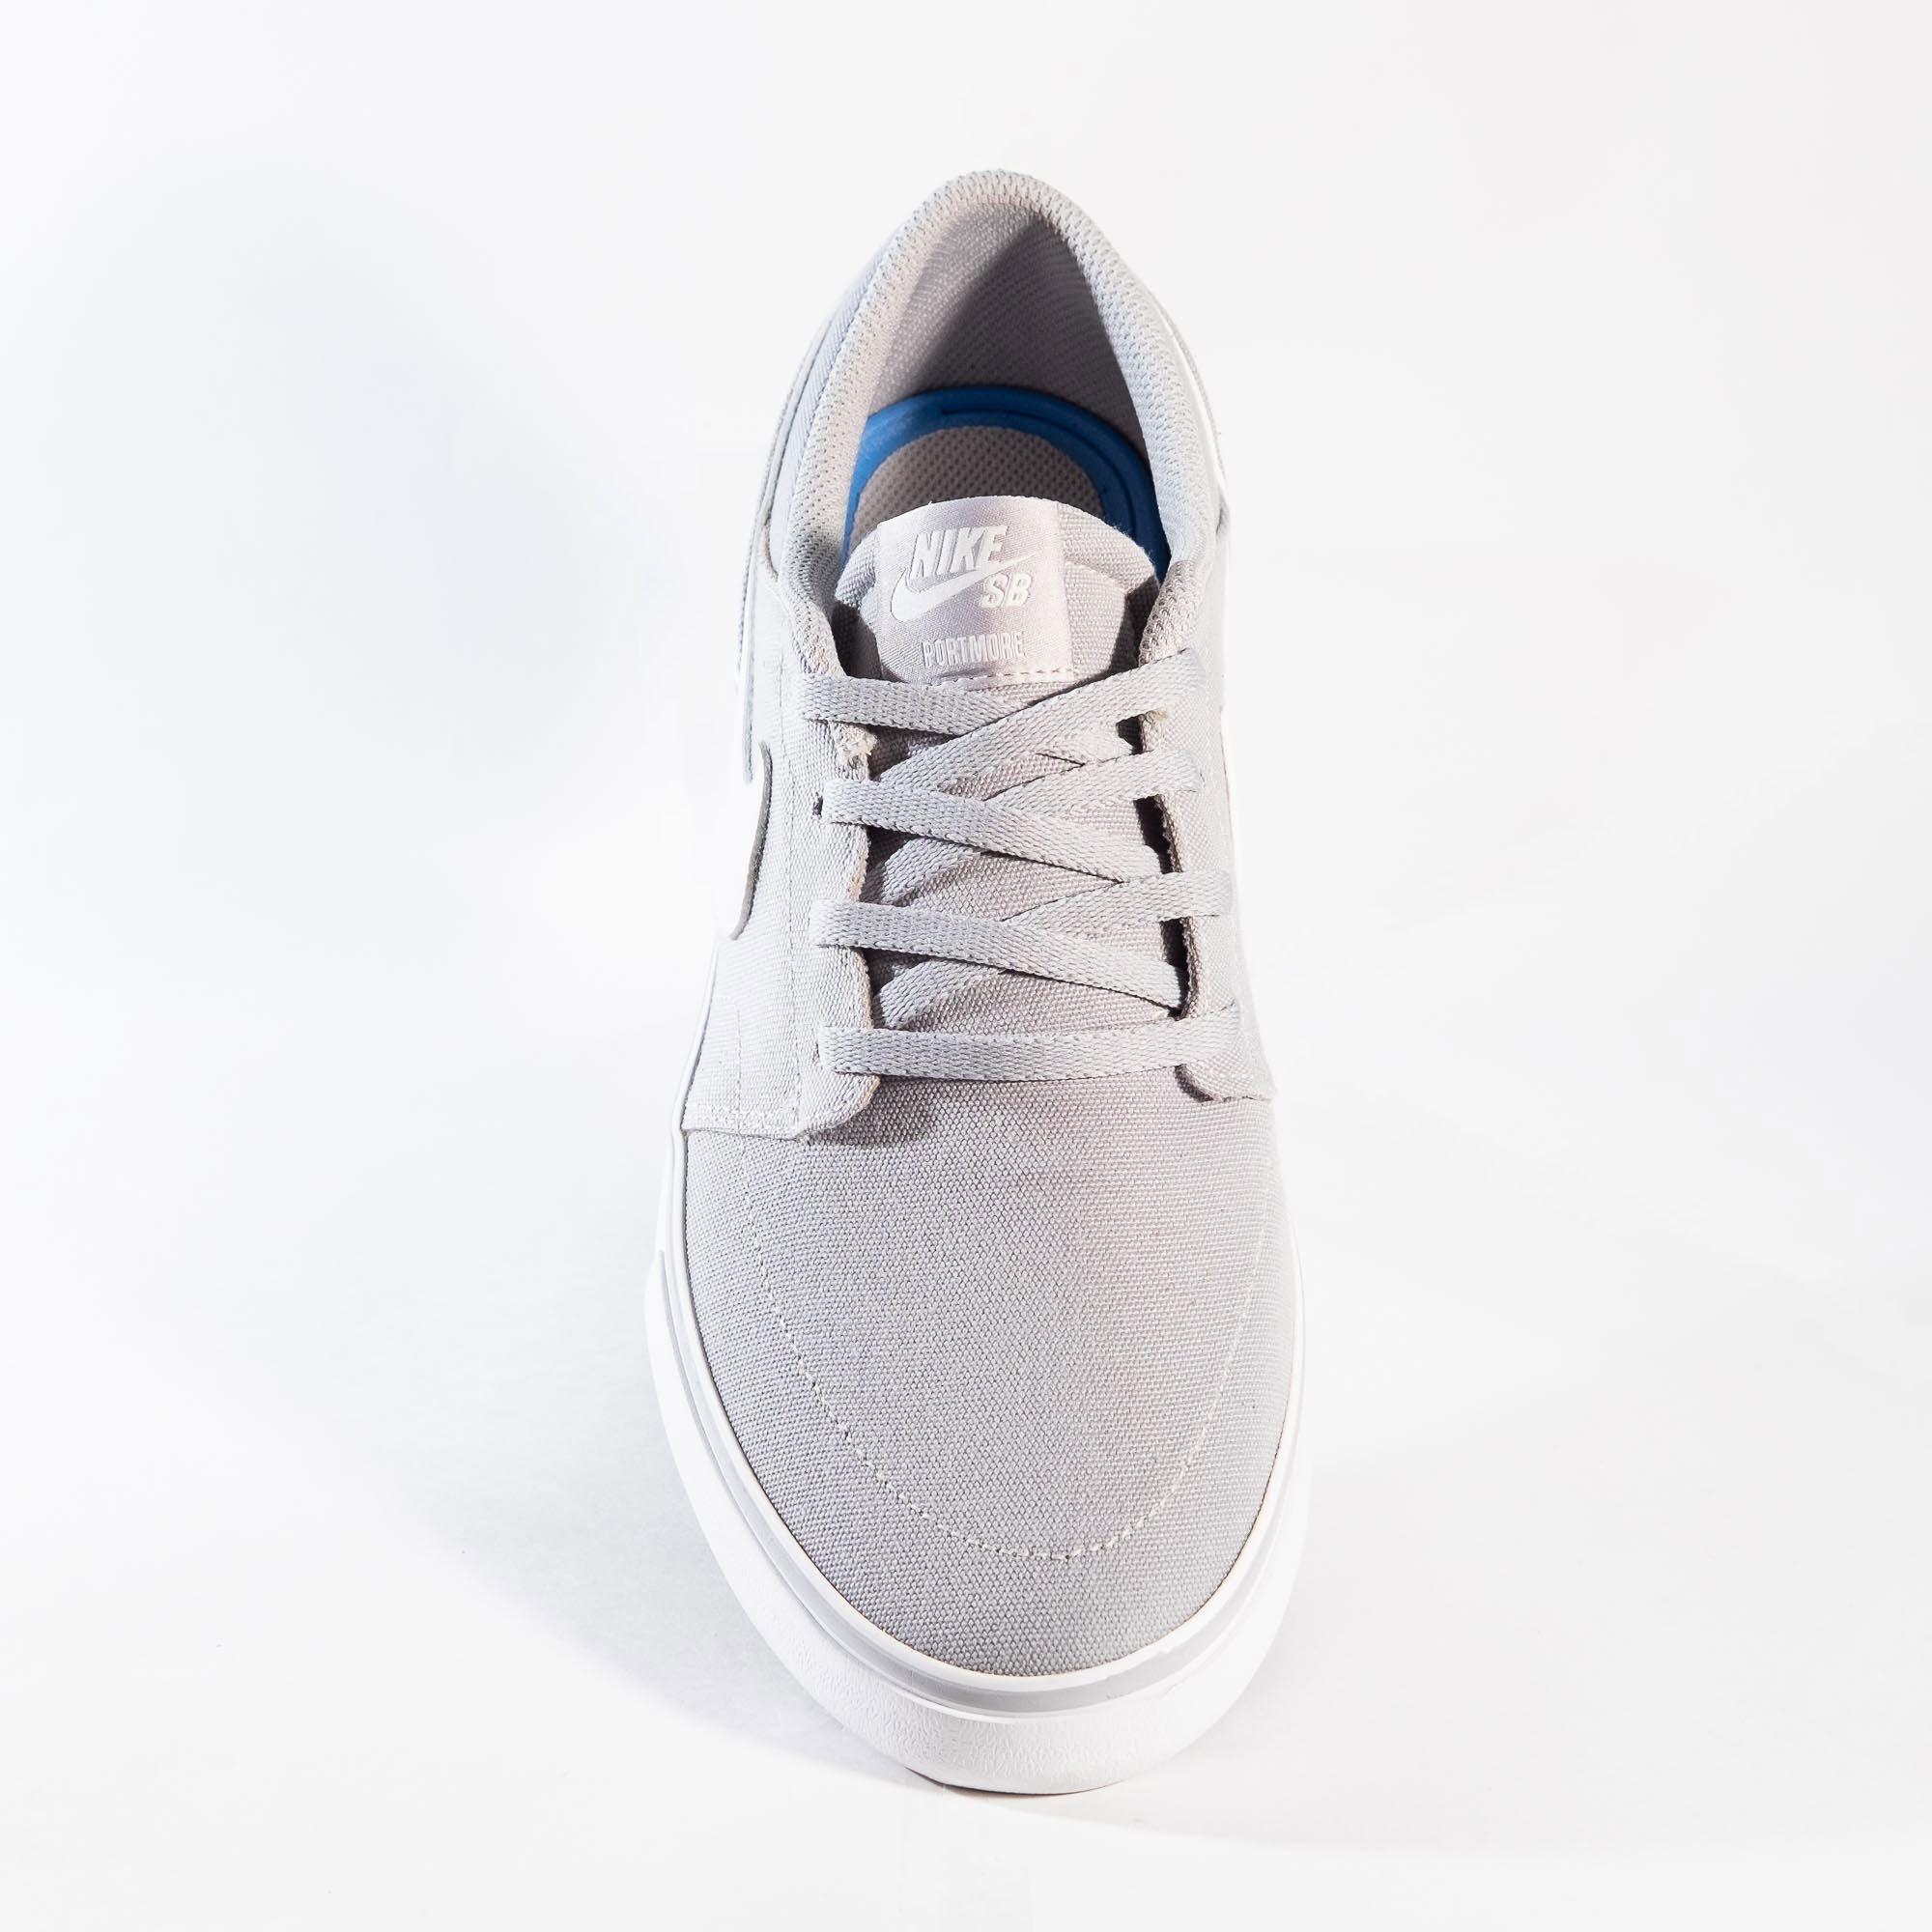 Tênis Nike SB Portmore II Solar CNVS